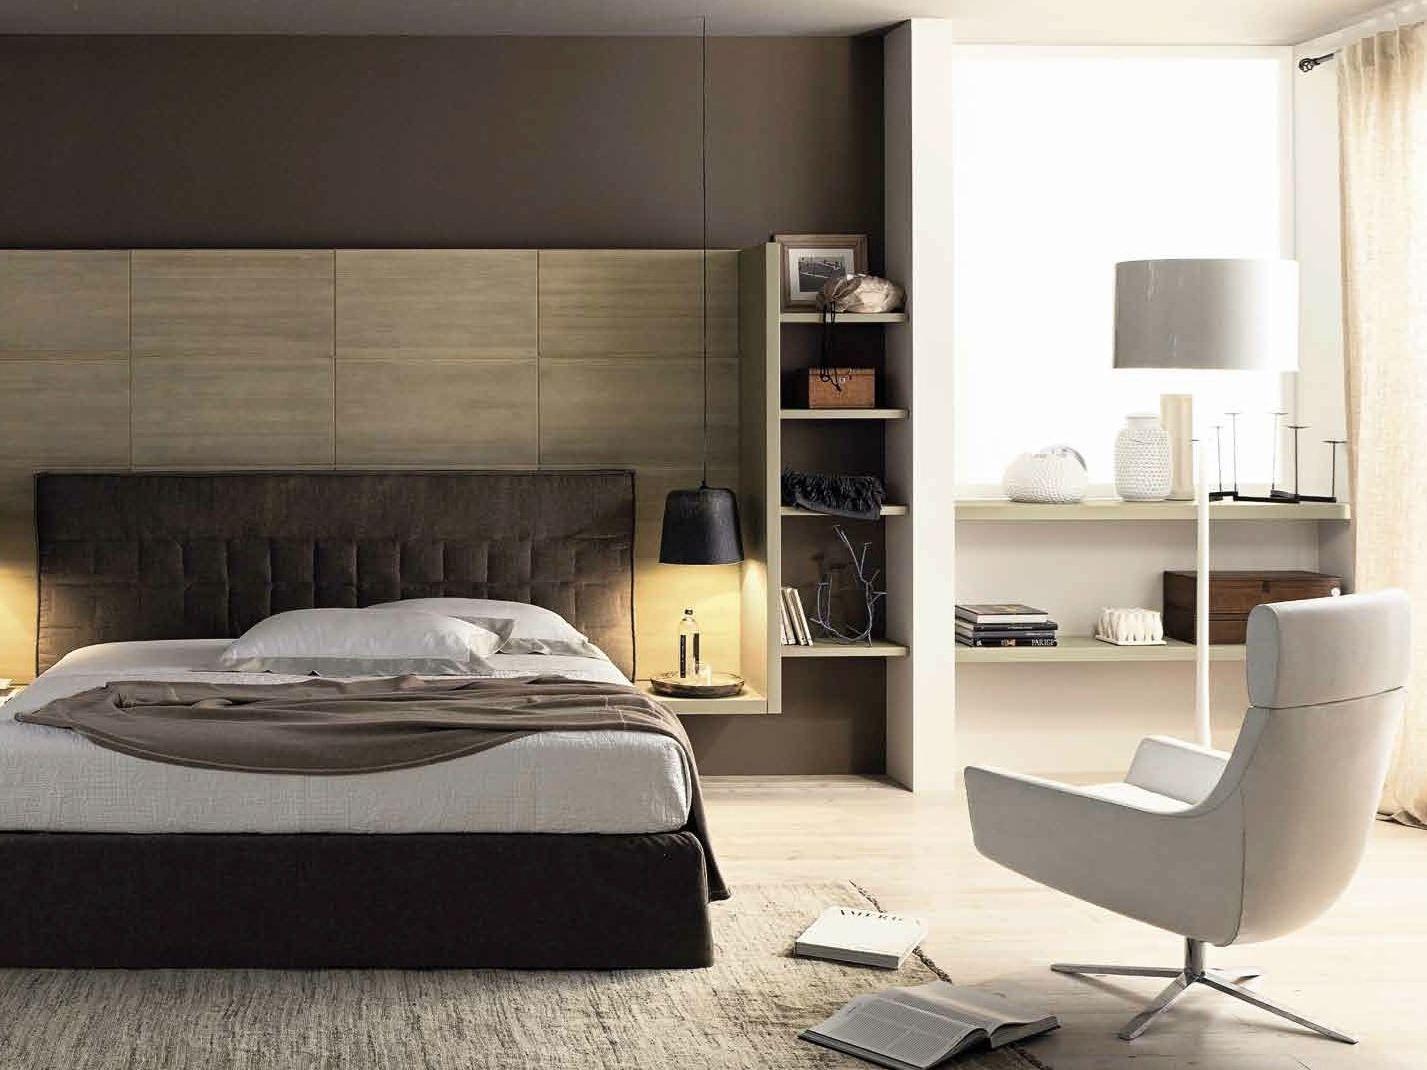 schlafzimmer-set aus fichte im modernen stil nuovo mondo n09